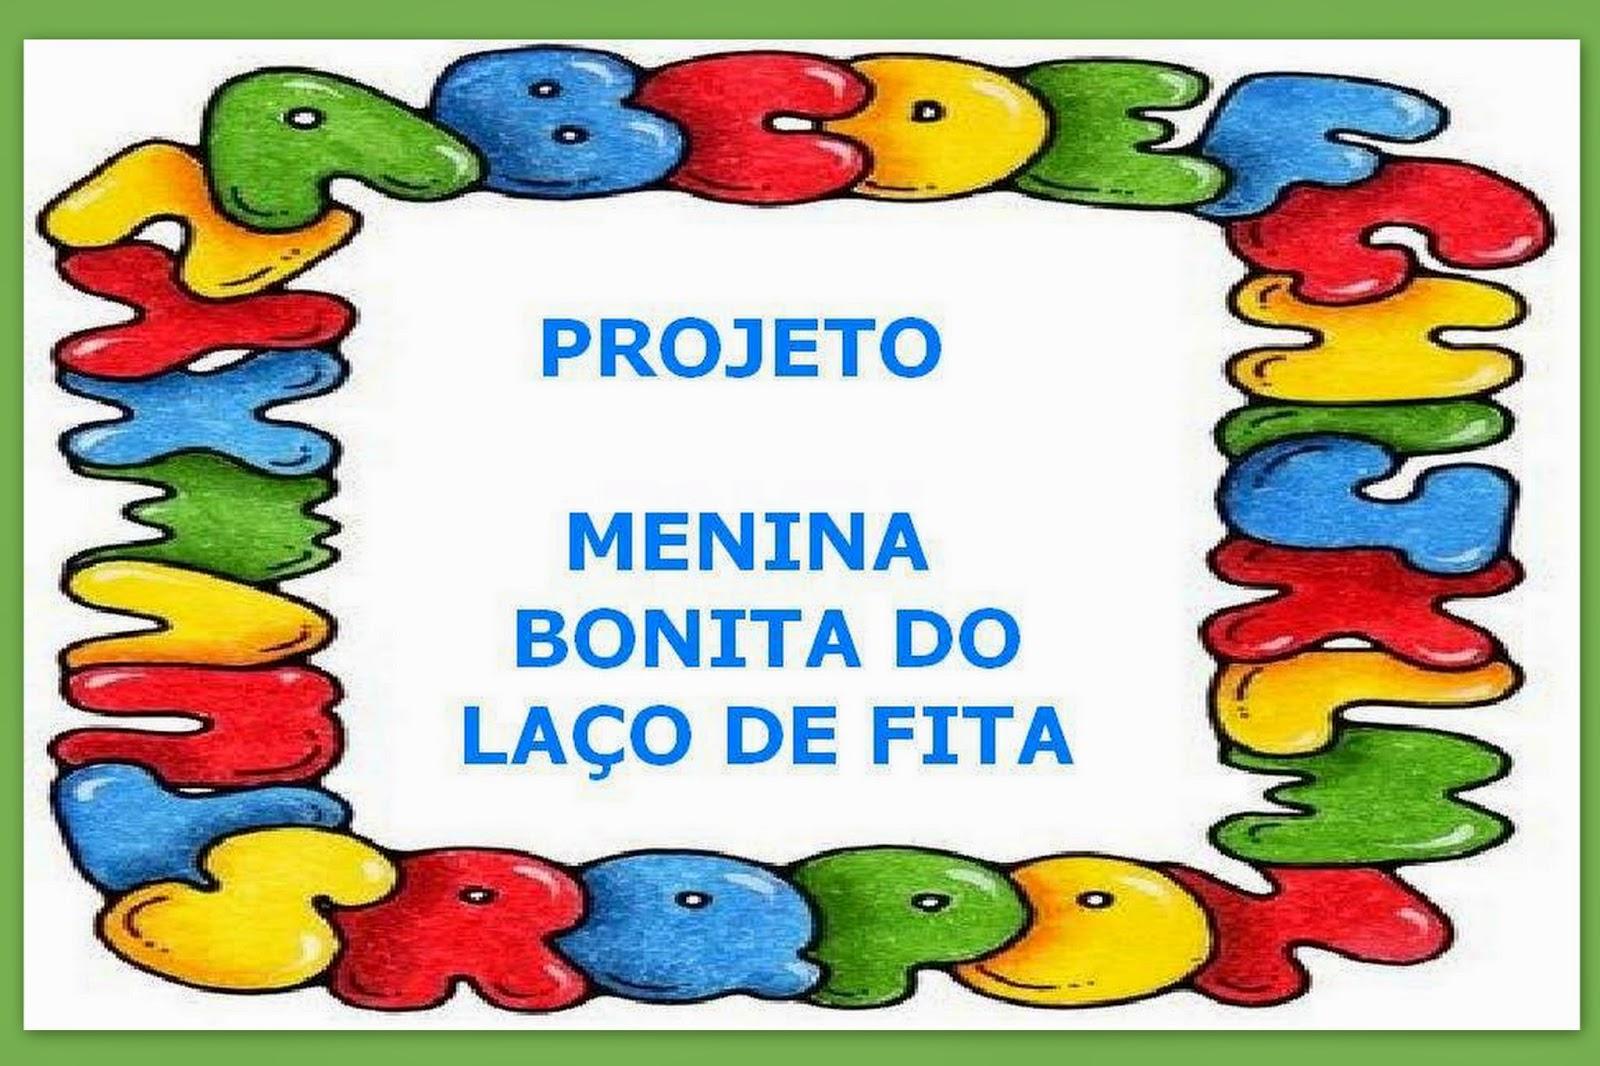 #C2A509  Estadual Lina Picchioni Rocha: Projeto: Diversidade étnico racial 1600x1066 px Projeto Cozinha Na Educação Infantil_4295 Imagens